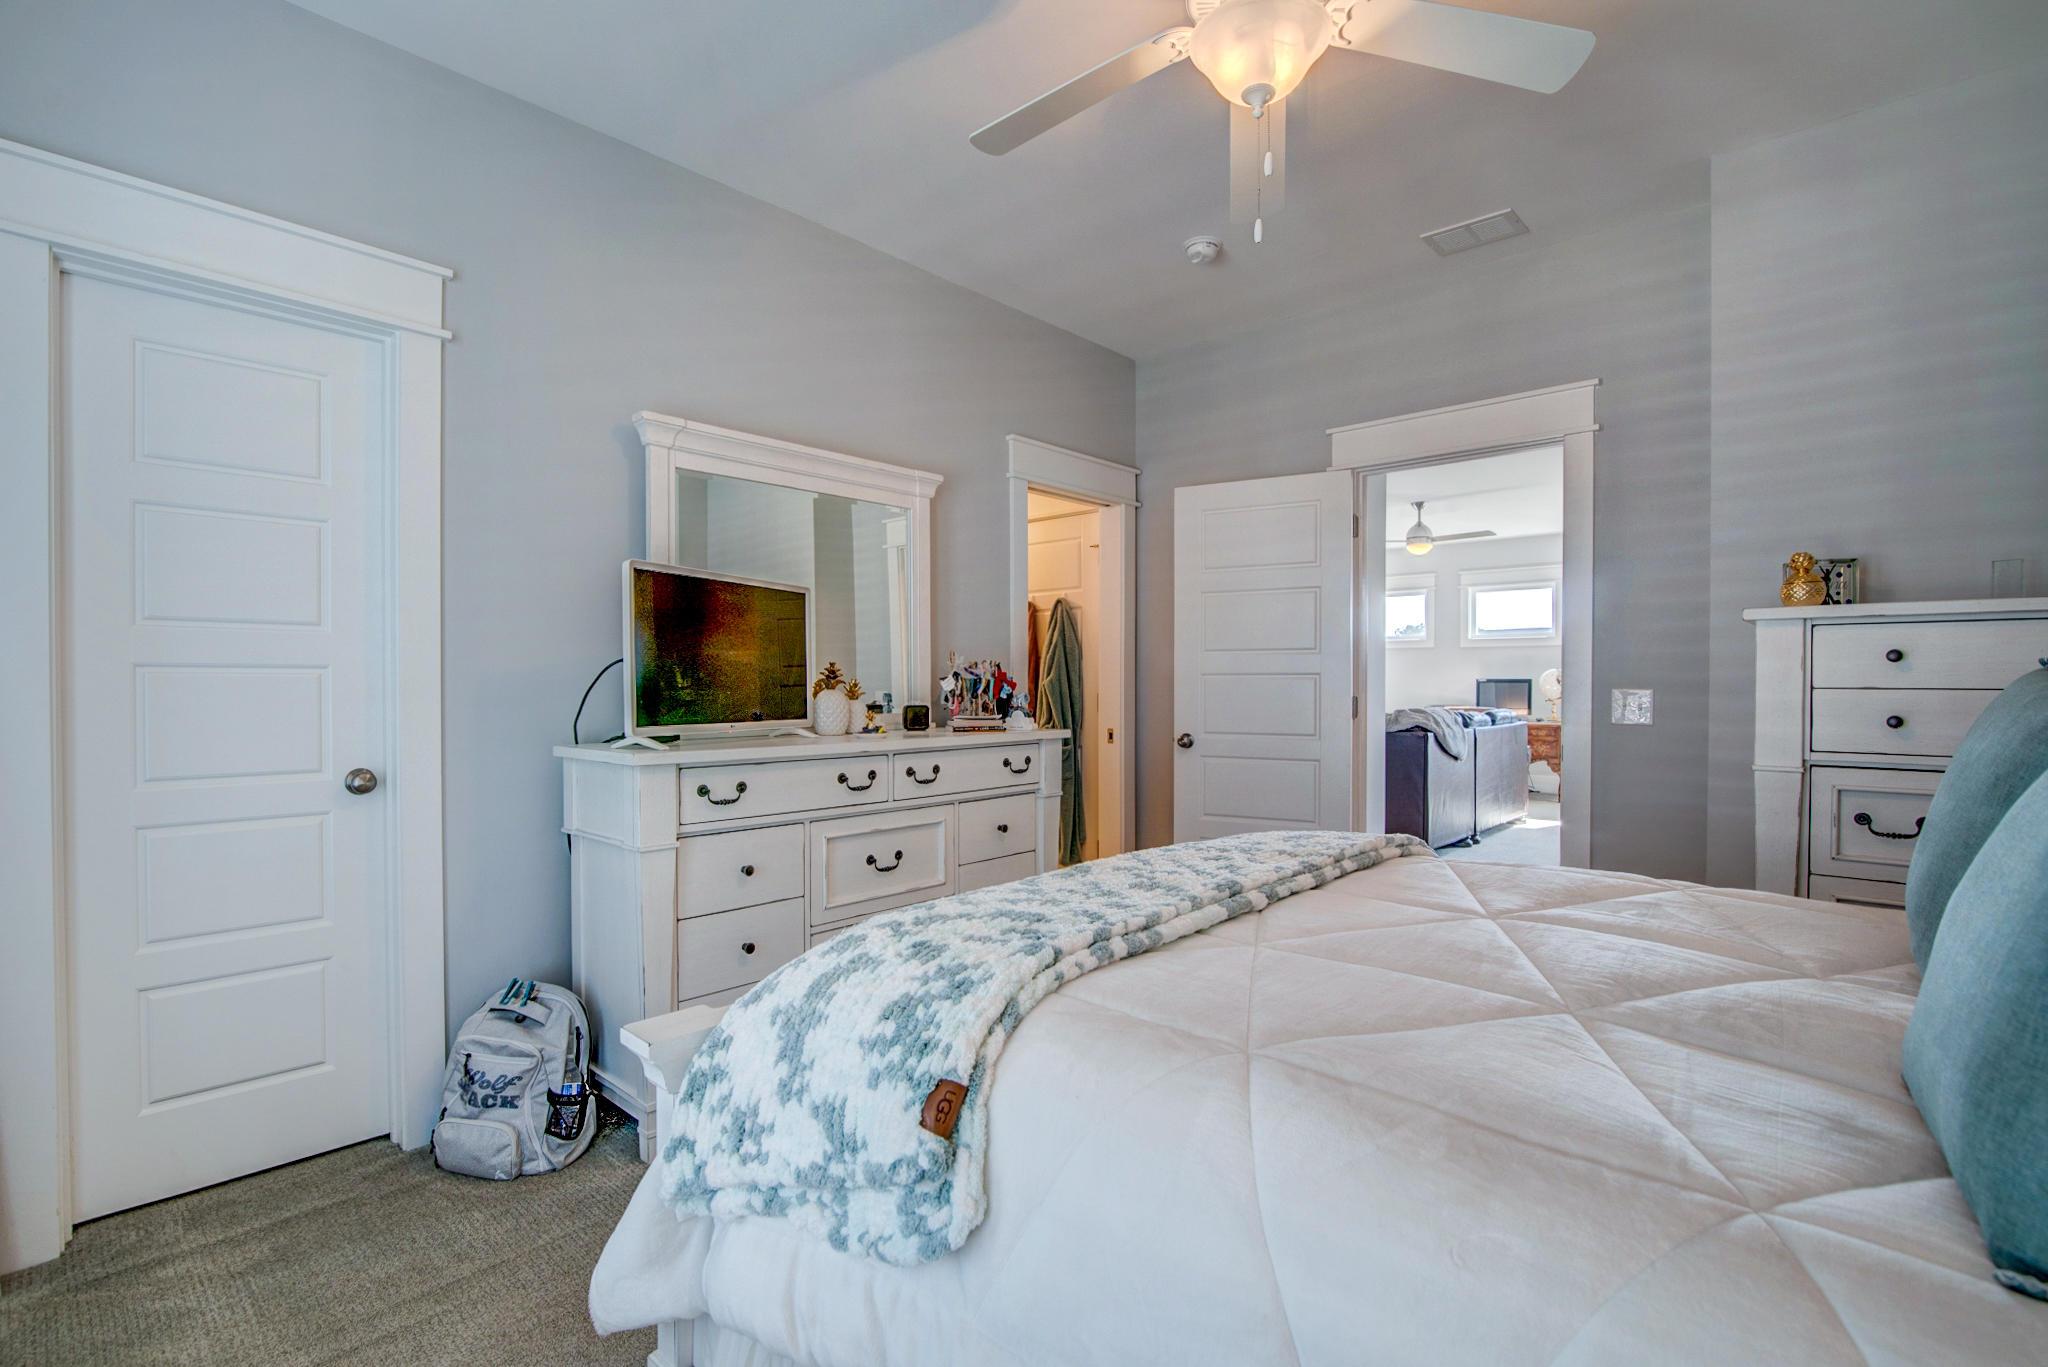 Dunes West Homes For Sale - 2883 River Vista, Mount Pleasant, SC - 27